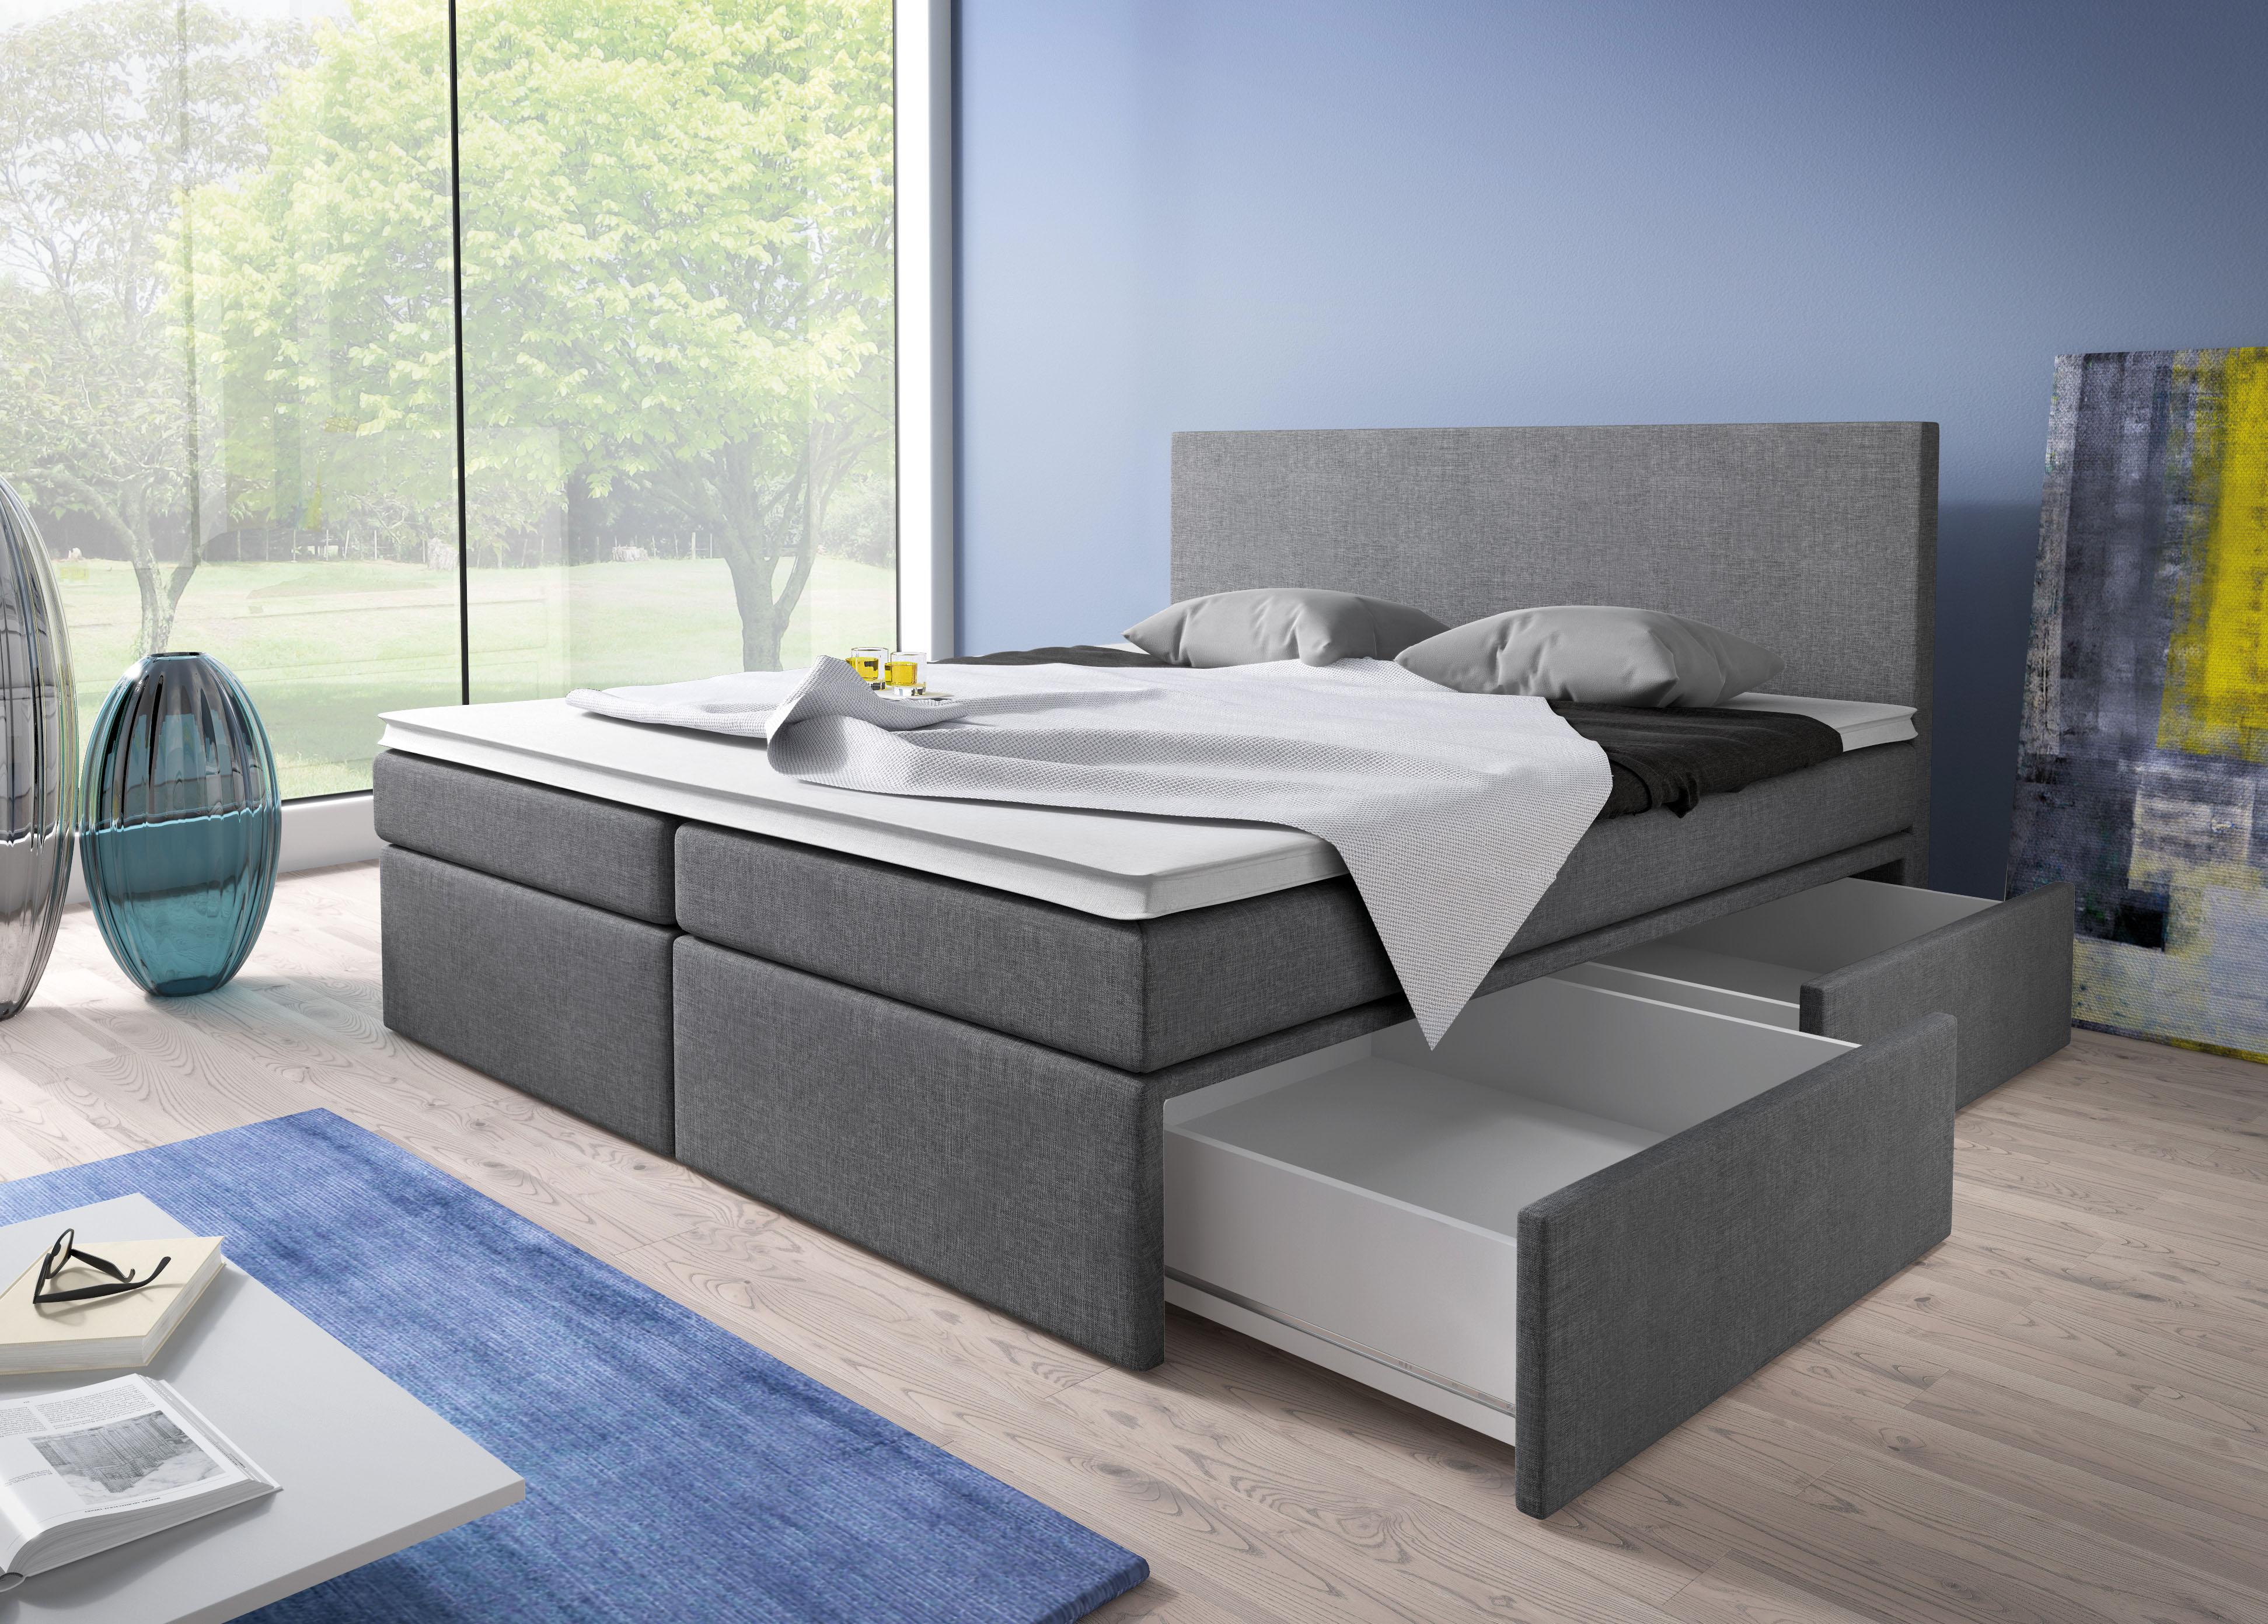 łóżko Sypialne Z Materacem 180 Cm X